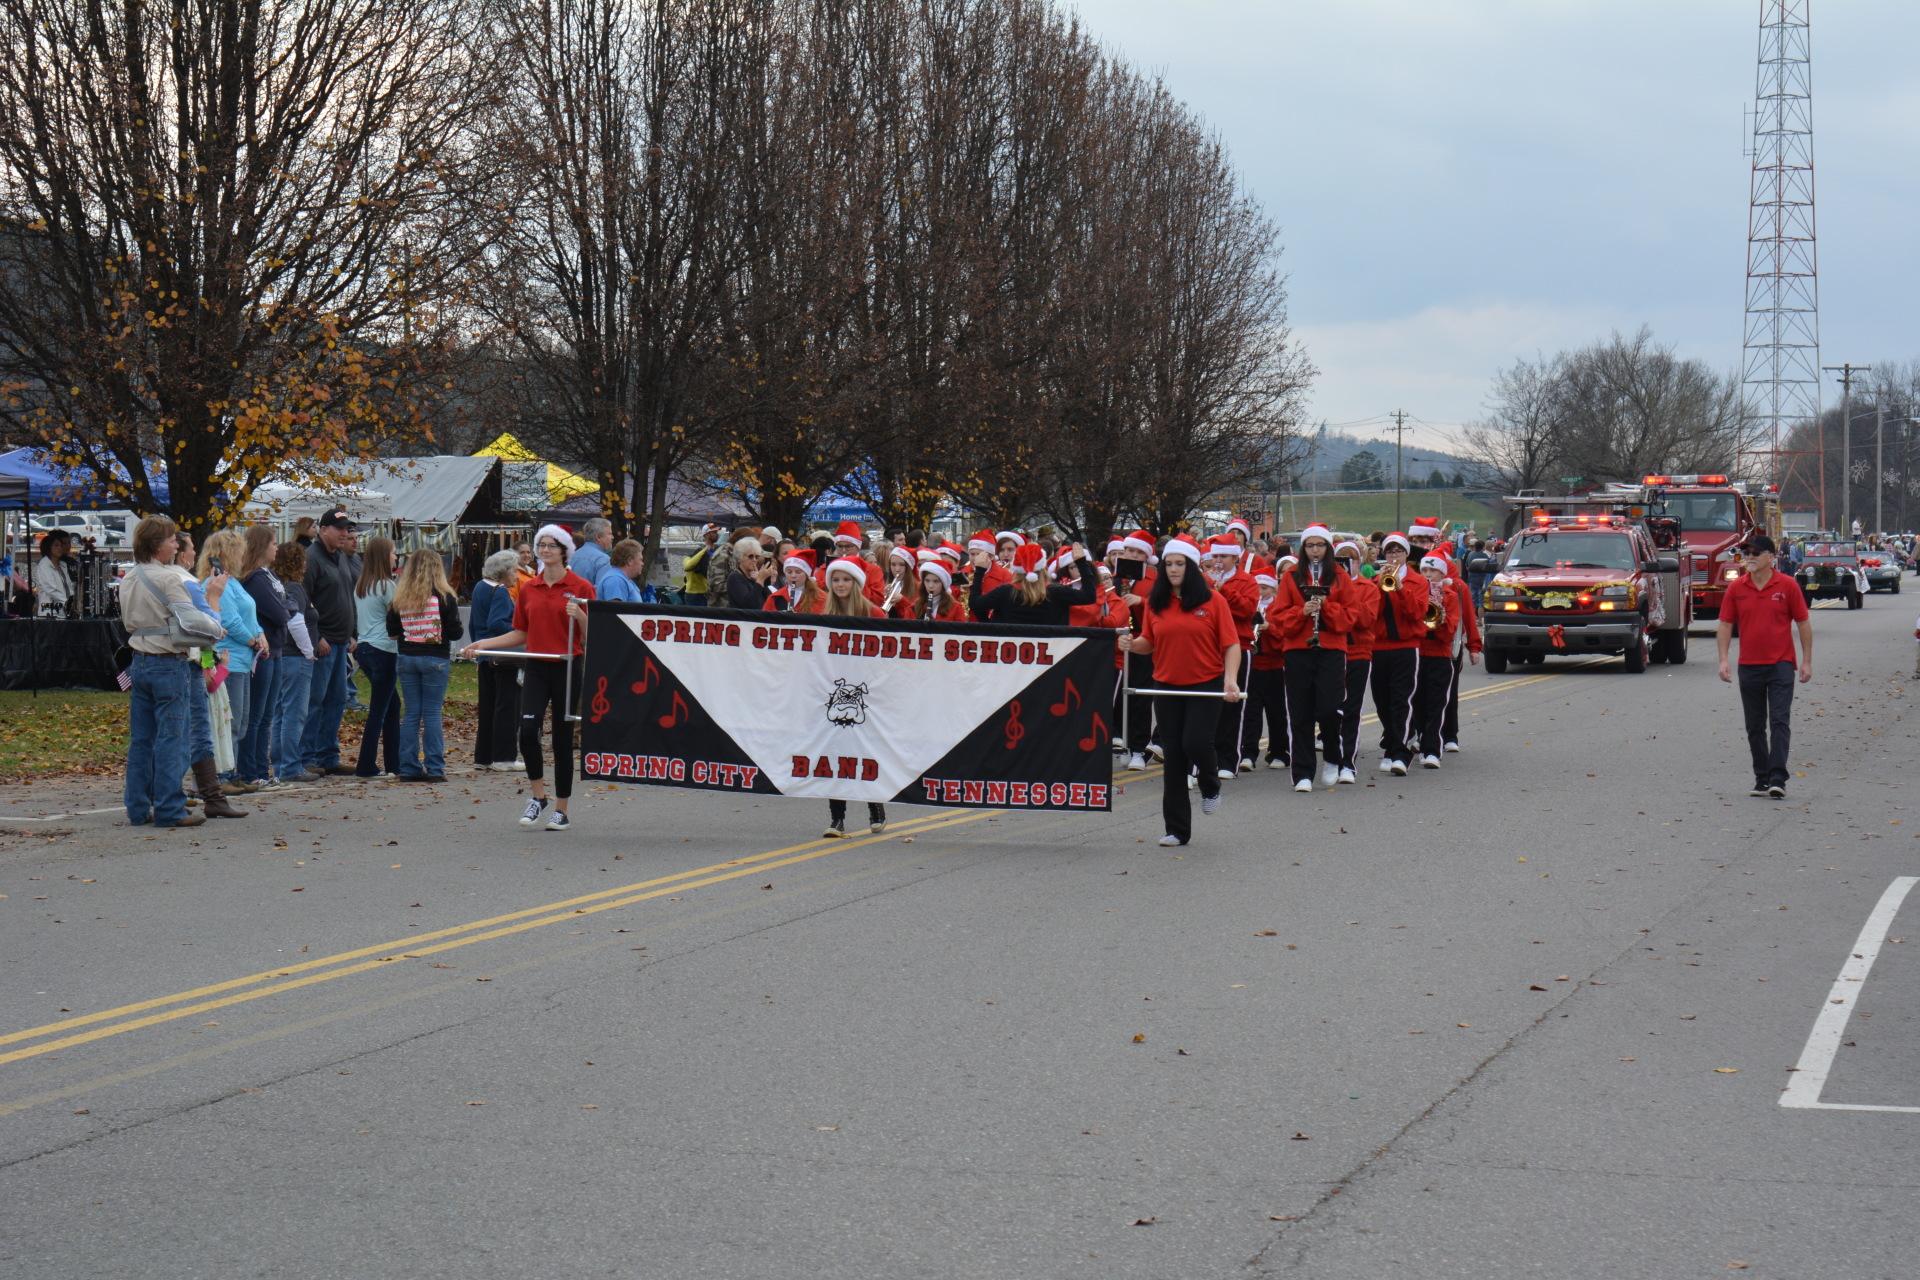 Spring City Christmas Parade